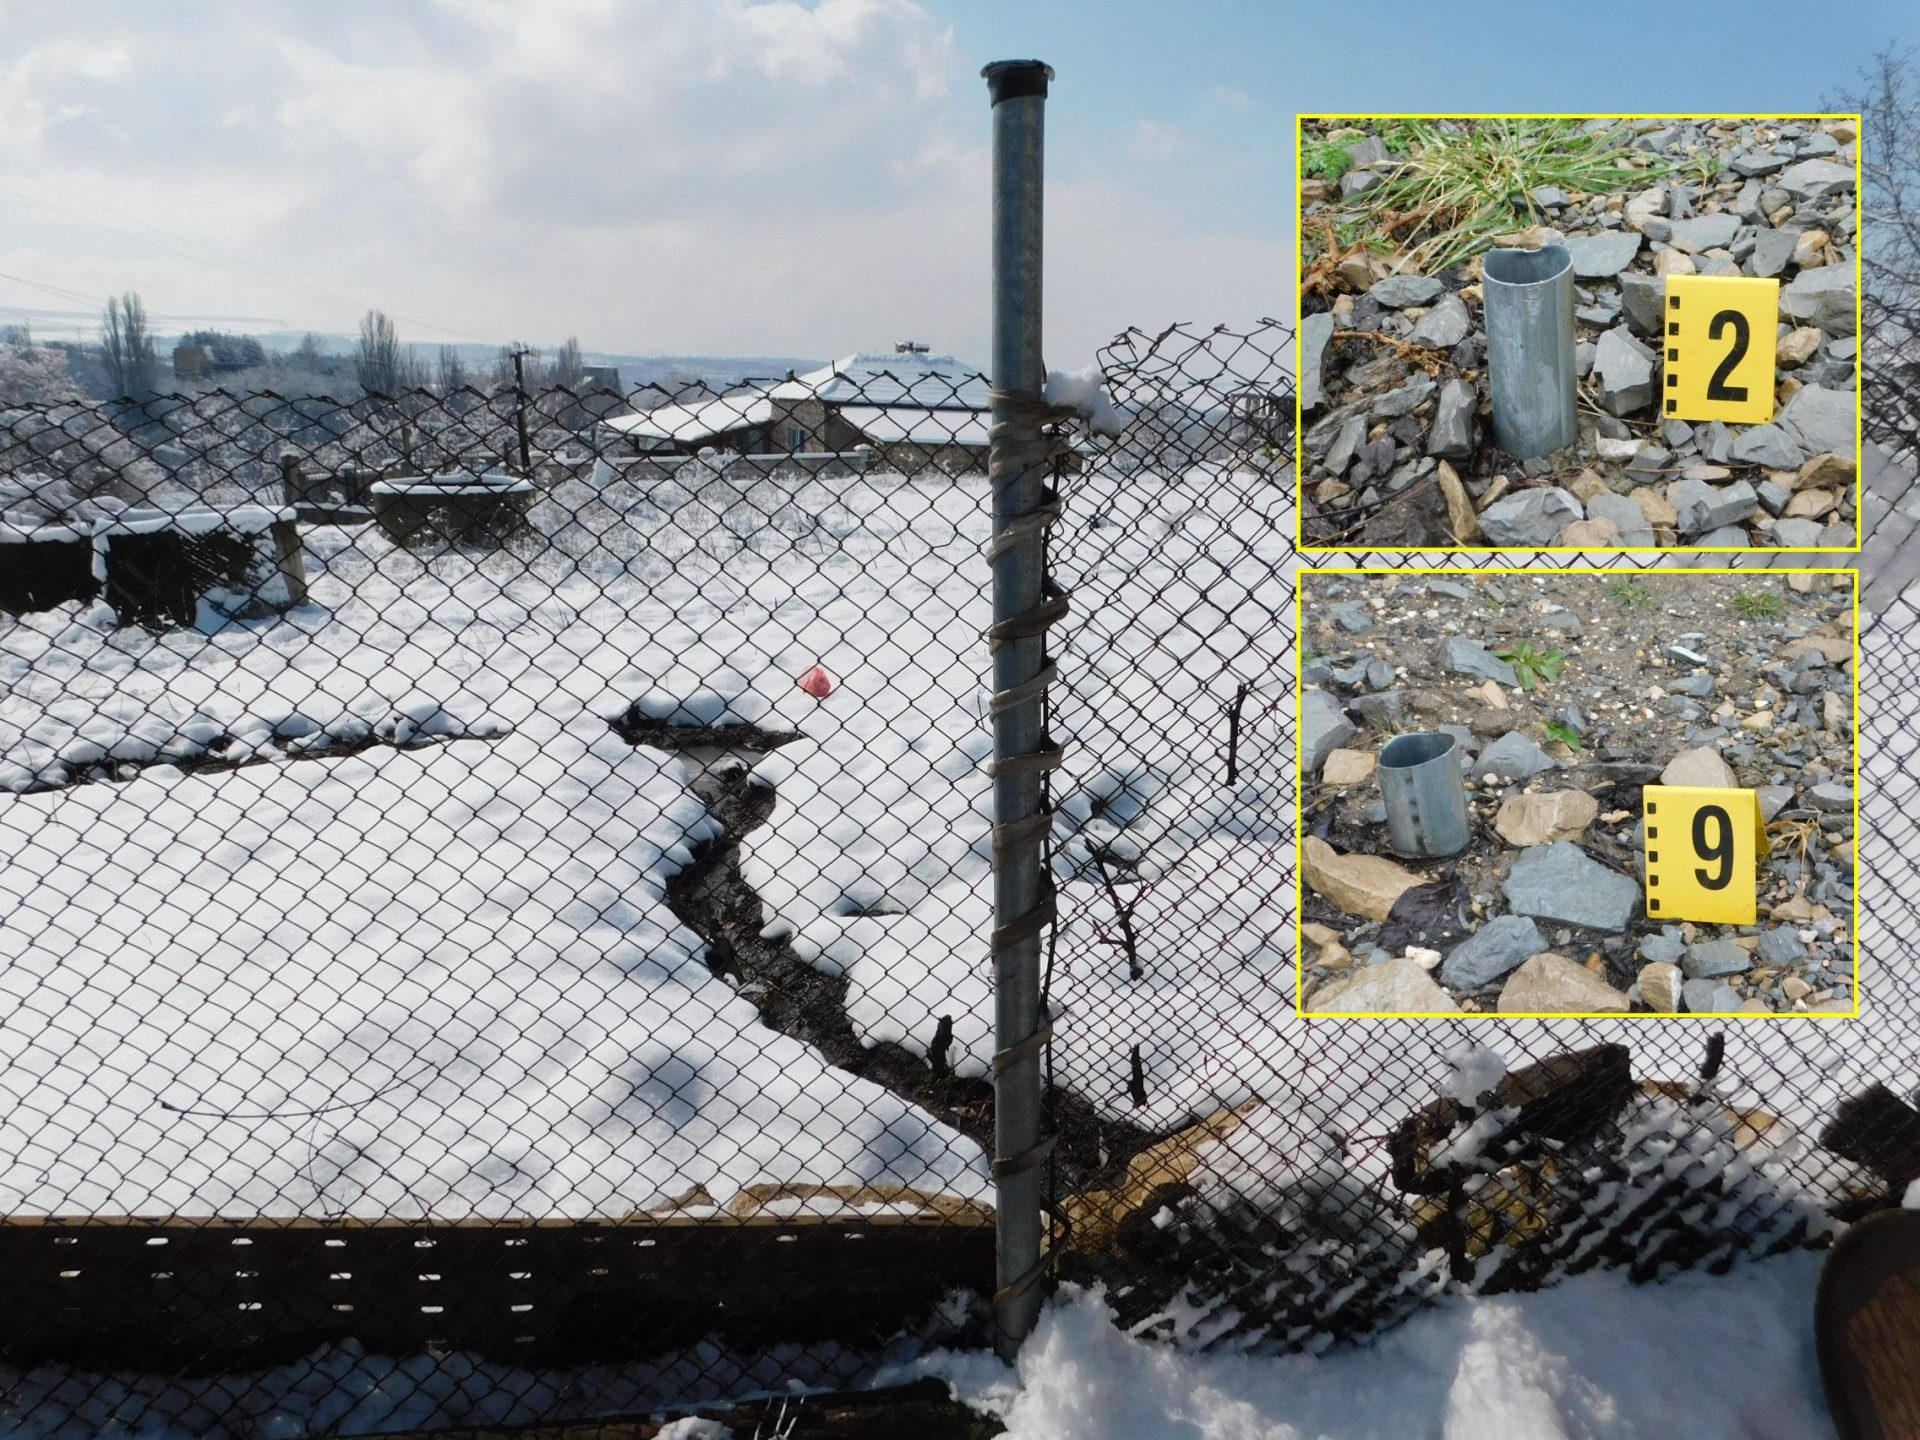 Задържаха баща и син, отрязали тръбите на пътни знаци, за да си направят с тях ограда